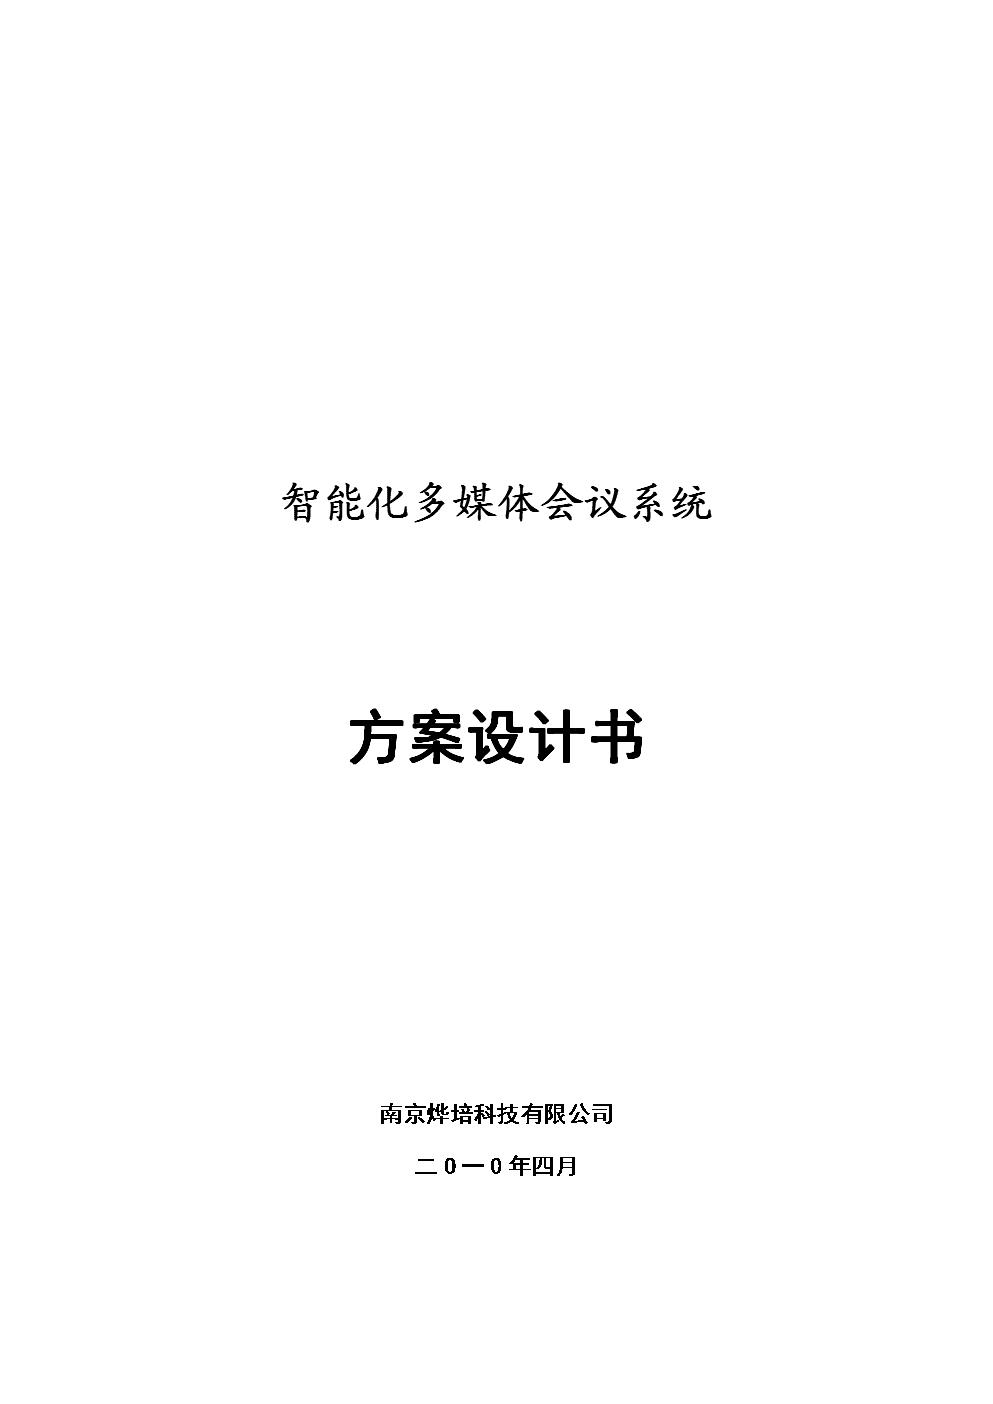 智能化多媒体会议系统设计方案.doc